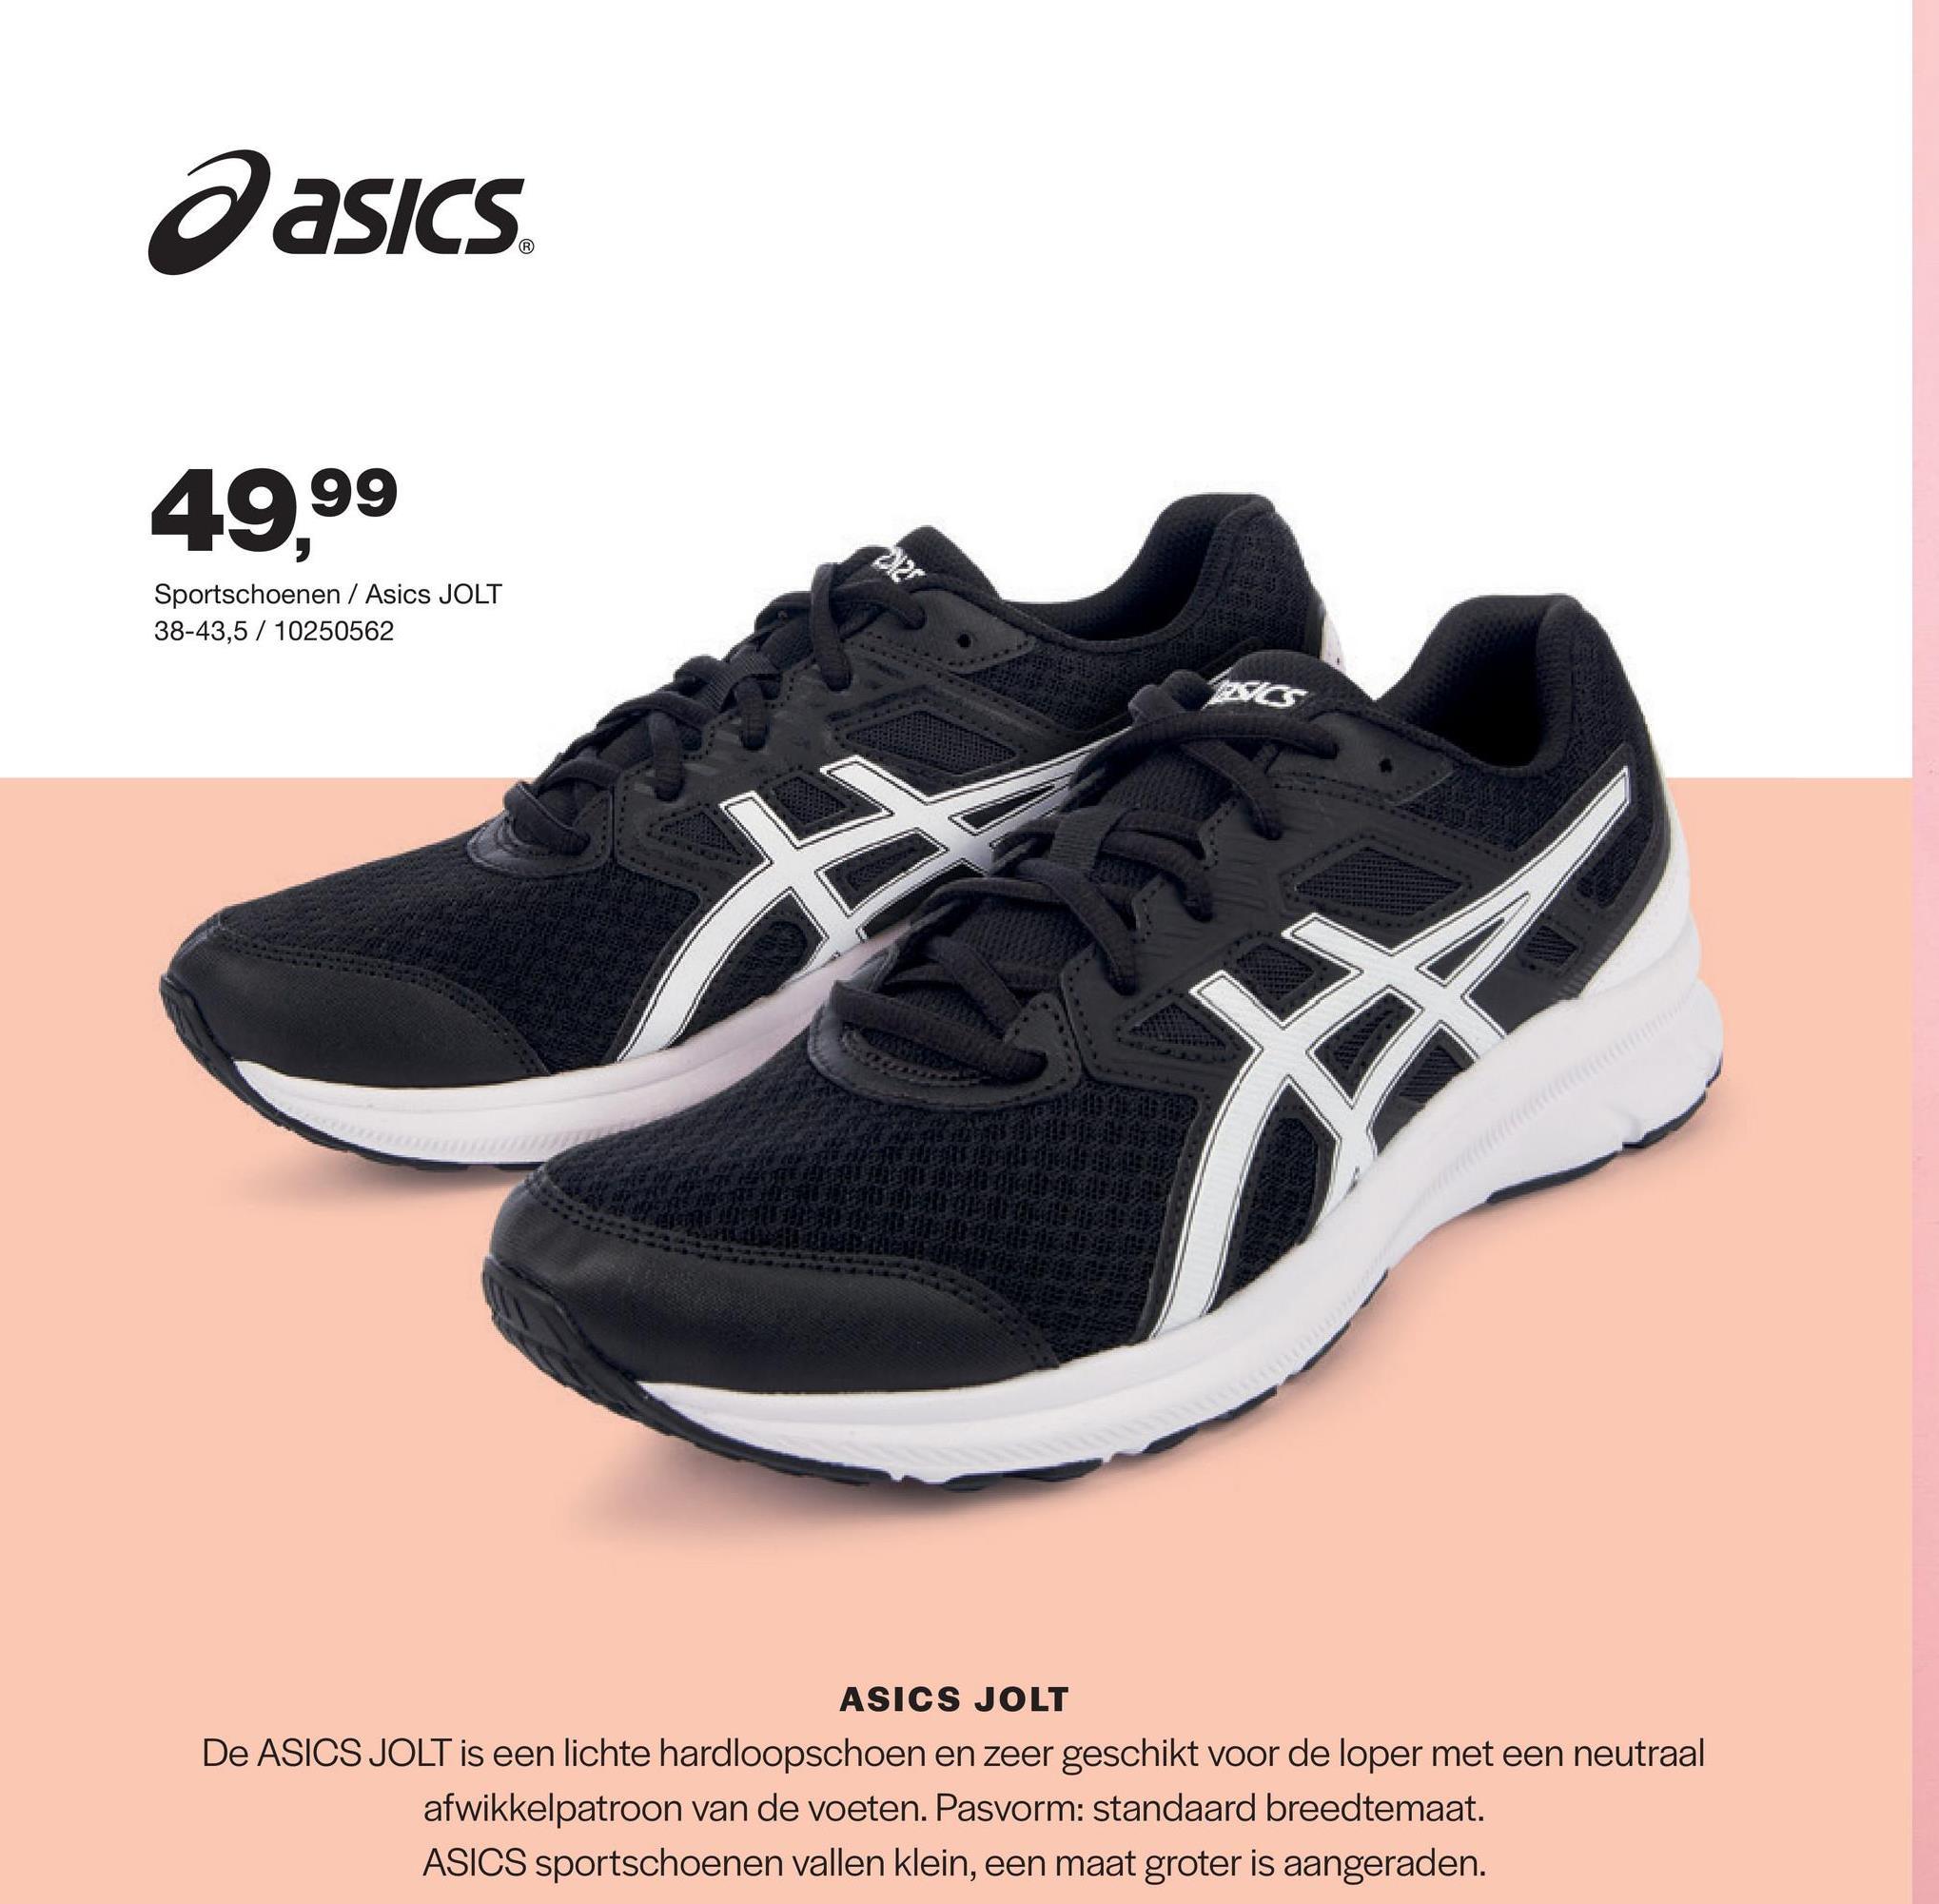 Loopschoen Jolt 3 Asics - Zwart - maat 41,5 - Dames   - Goedkope Sportschoenen - Running - Textiel Deze Jolt 3 van het merk Asics is een lichte loopschoen voor vrouwen. De tussenzool met demping vangt schokken goed op en geeft bovendien extra comfort.